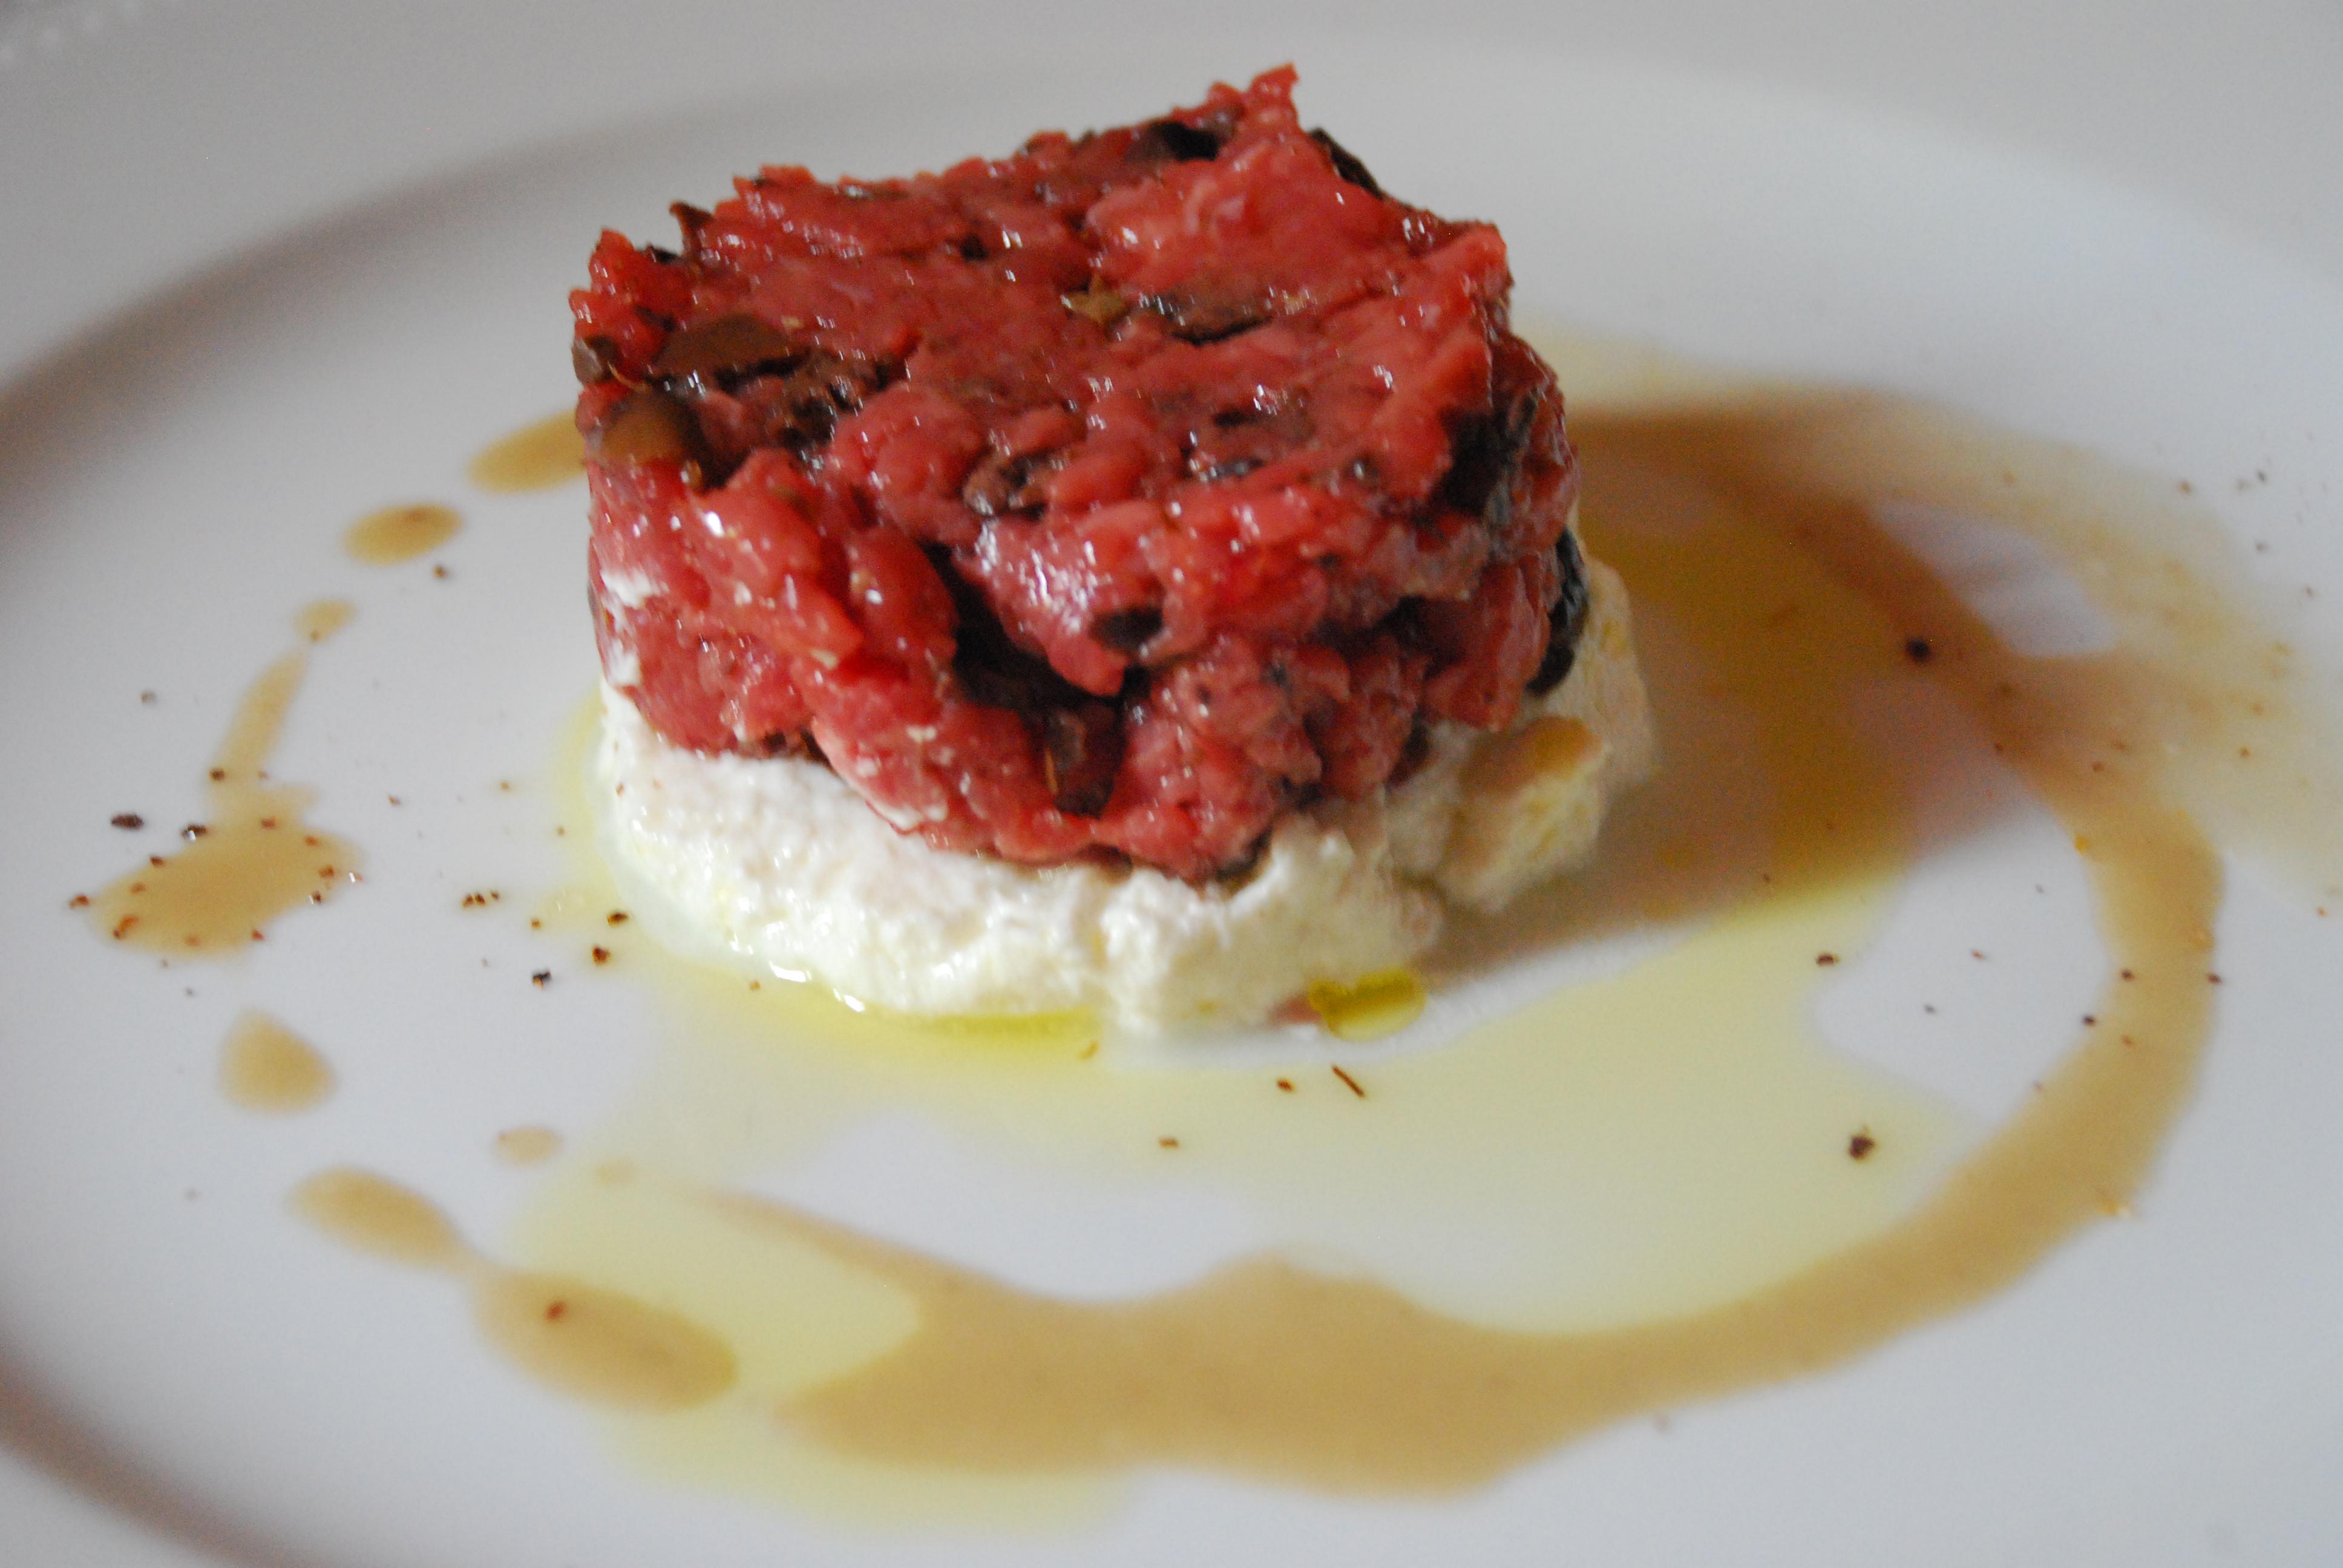 Pienza sant antimo bagno vignoni delightful val d orcia delightfully italy - Osteria del leone bagno vignoni si ...